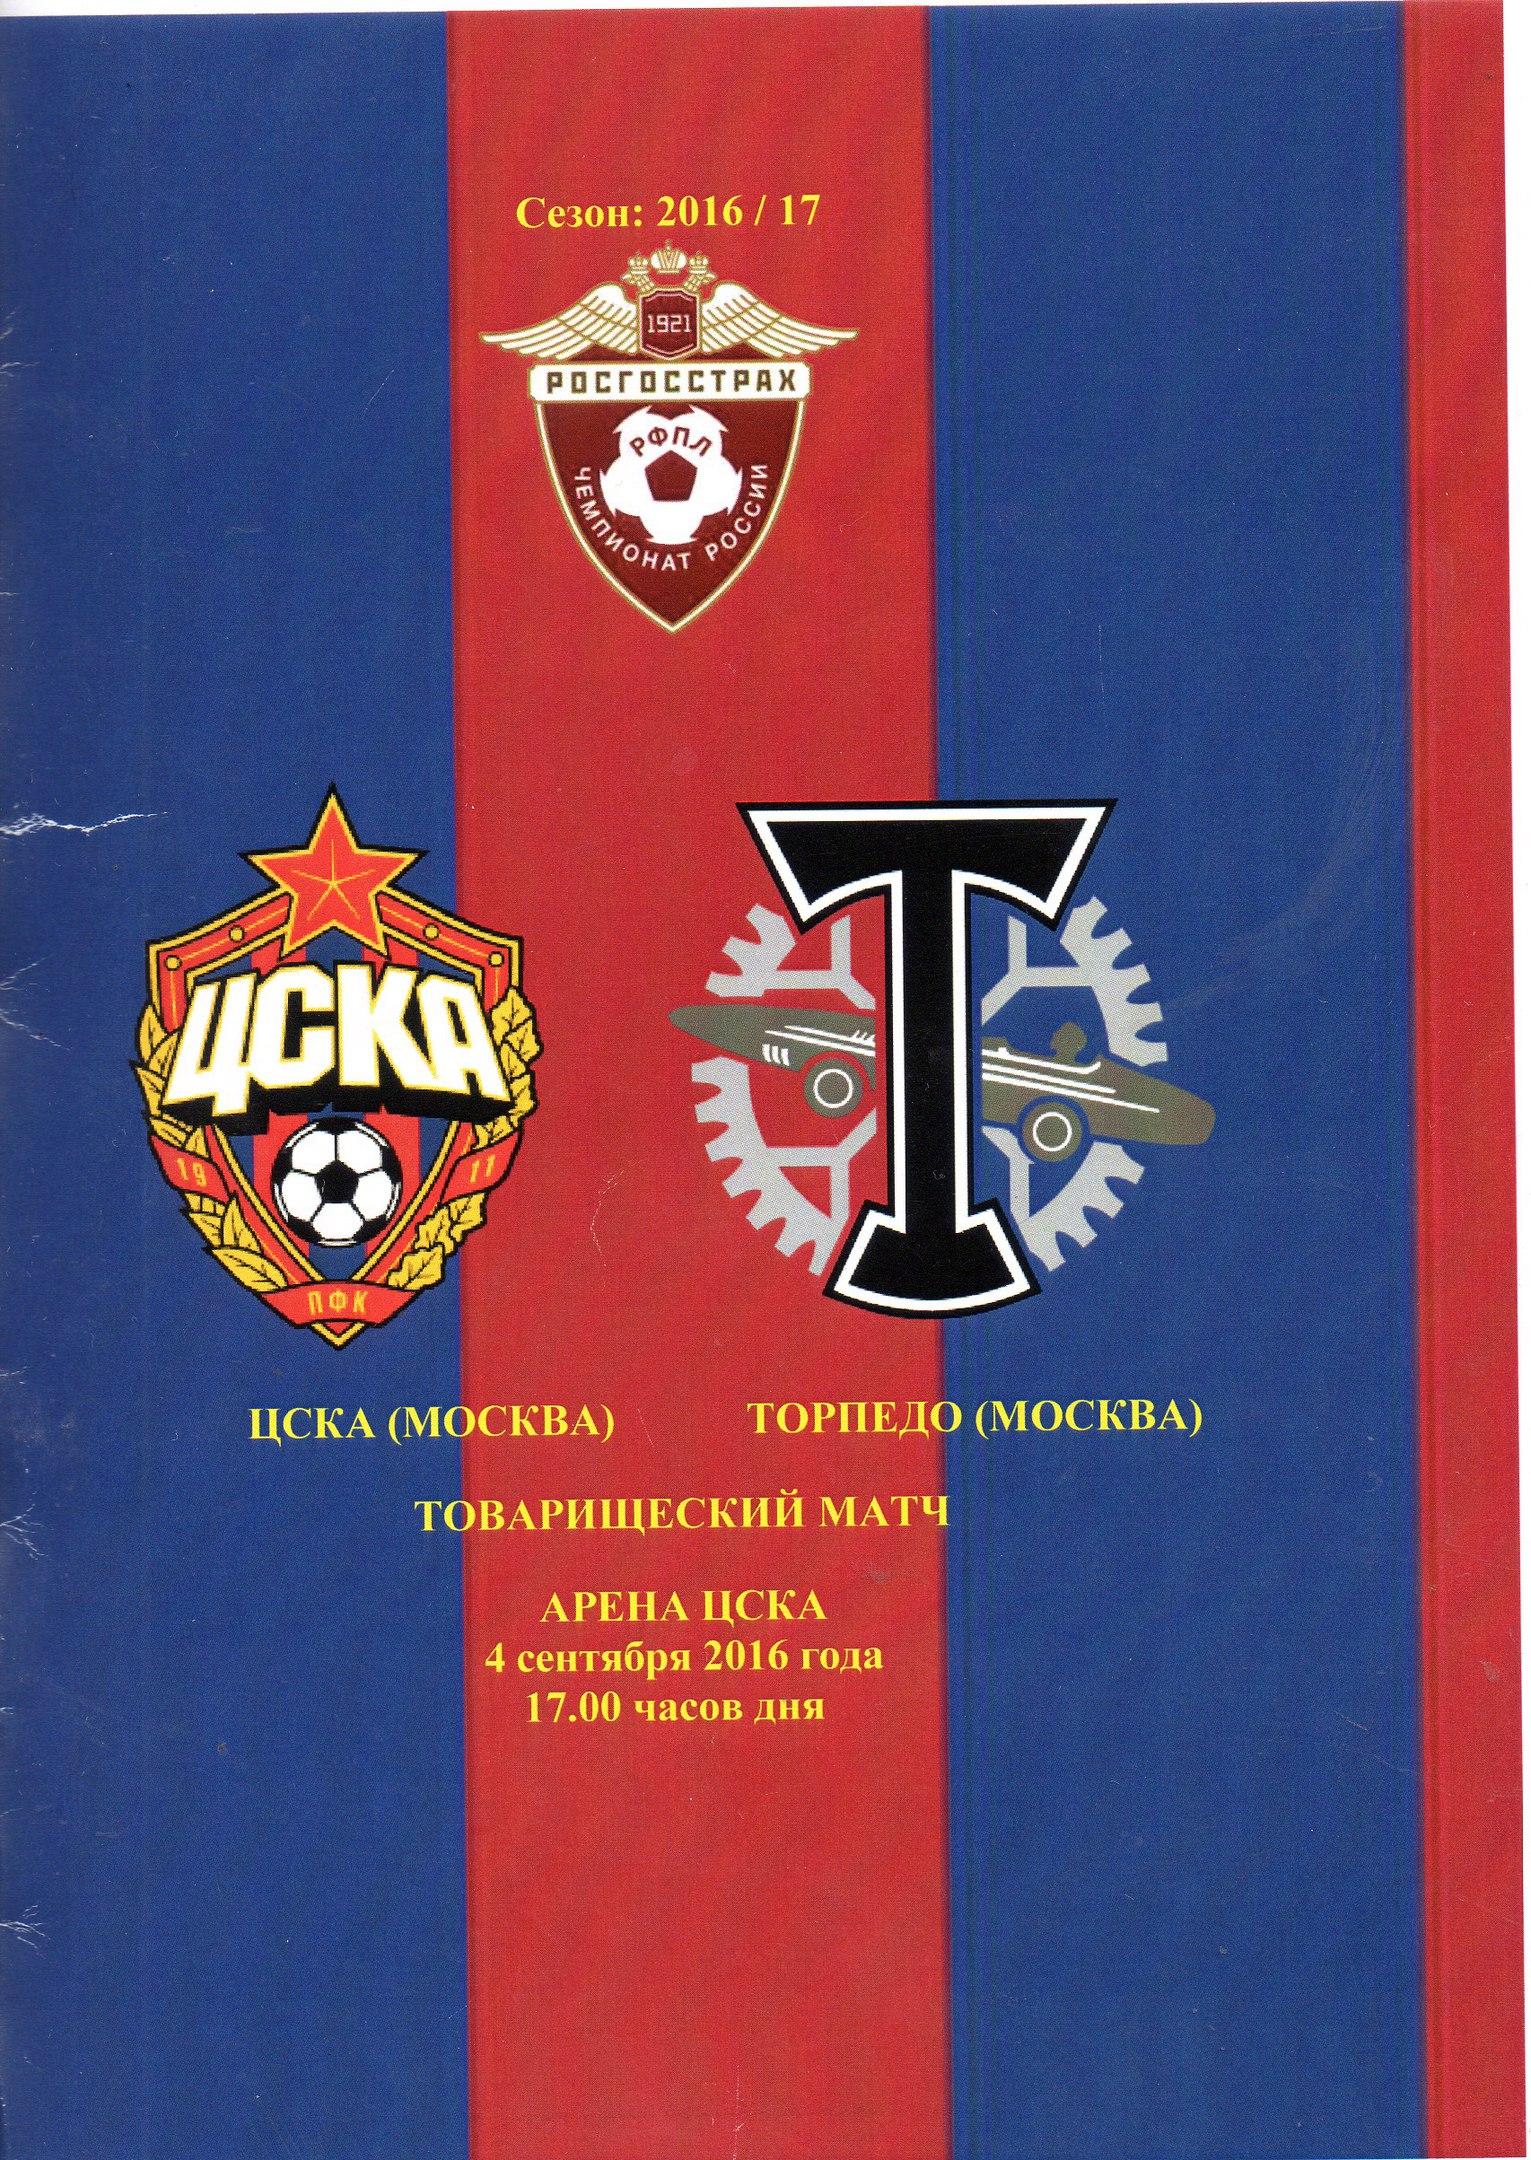 ЦСКА (Москва) - Торпедо (Москва) 3:0